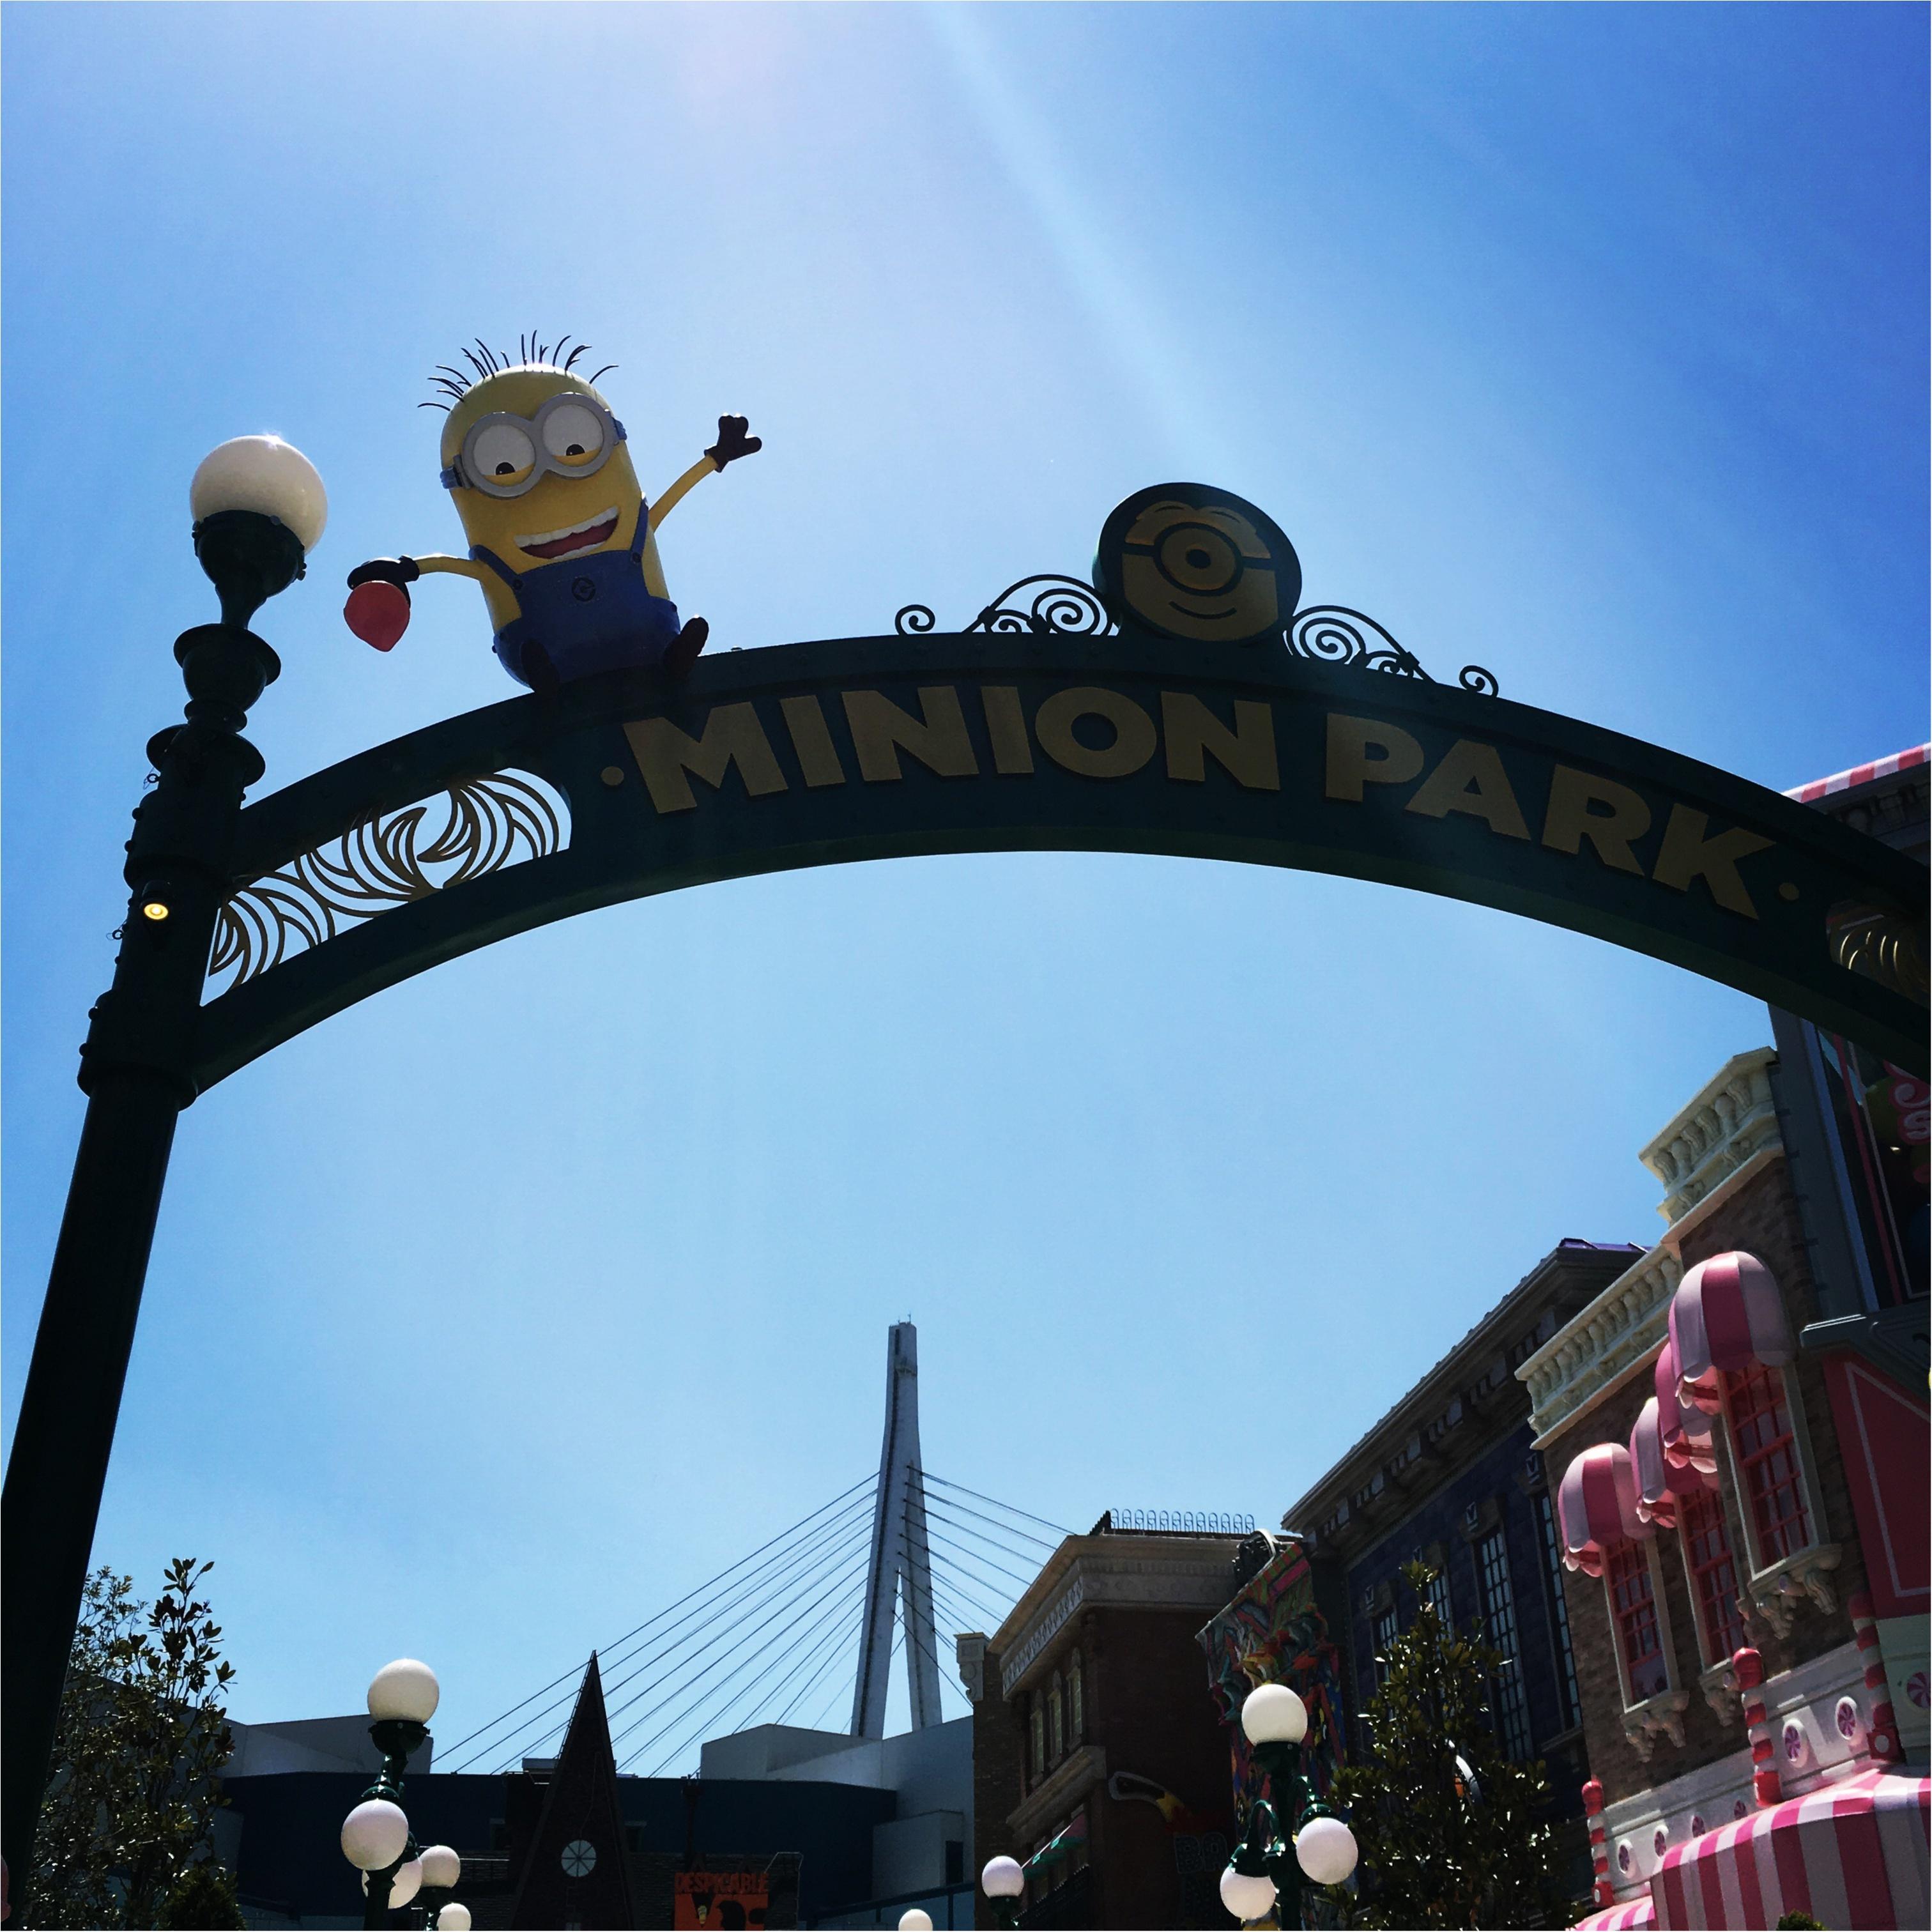 <4/21グランドオープン!>世界最大のハチャメチャエリア♡USJミニオン・パークに行ってきました!♡_1